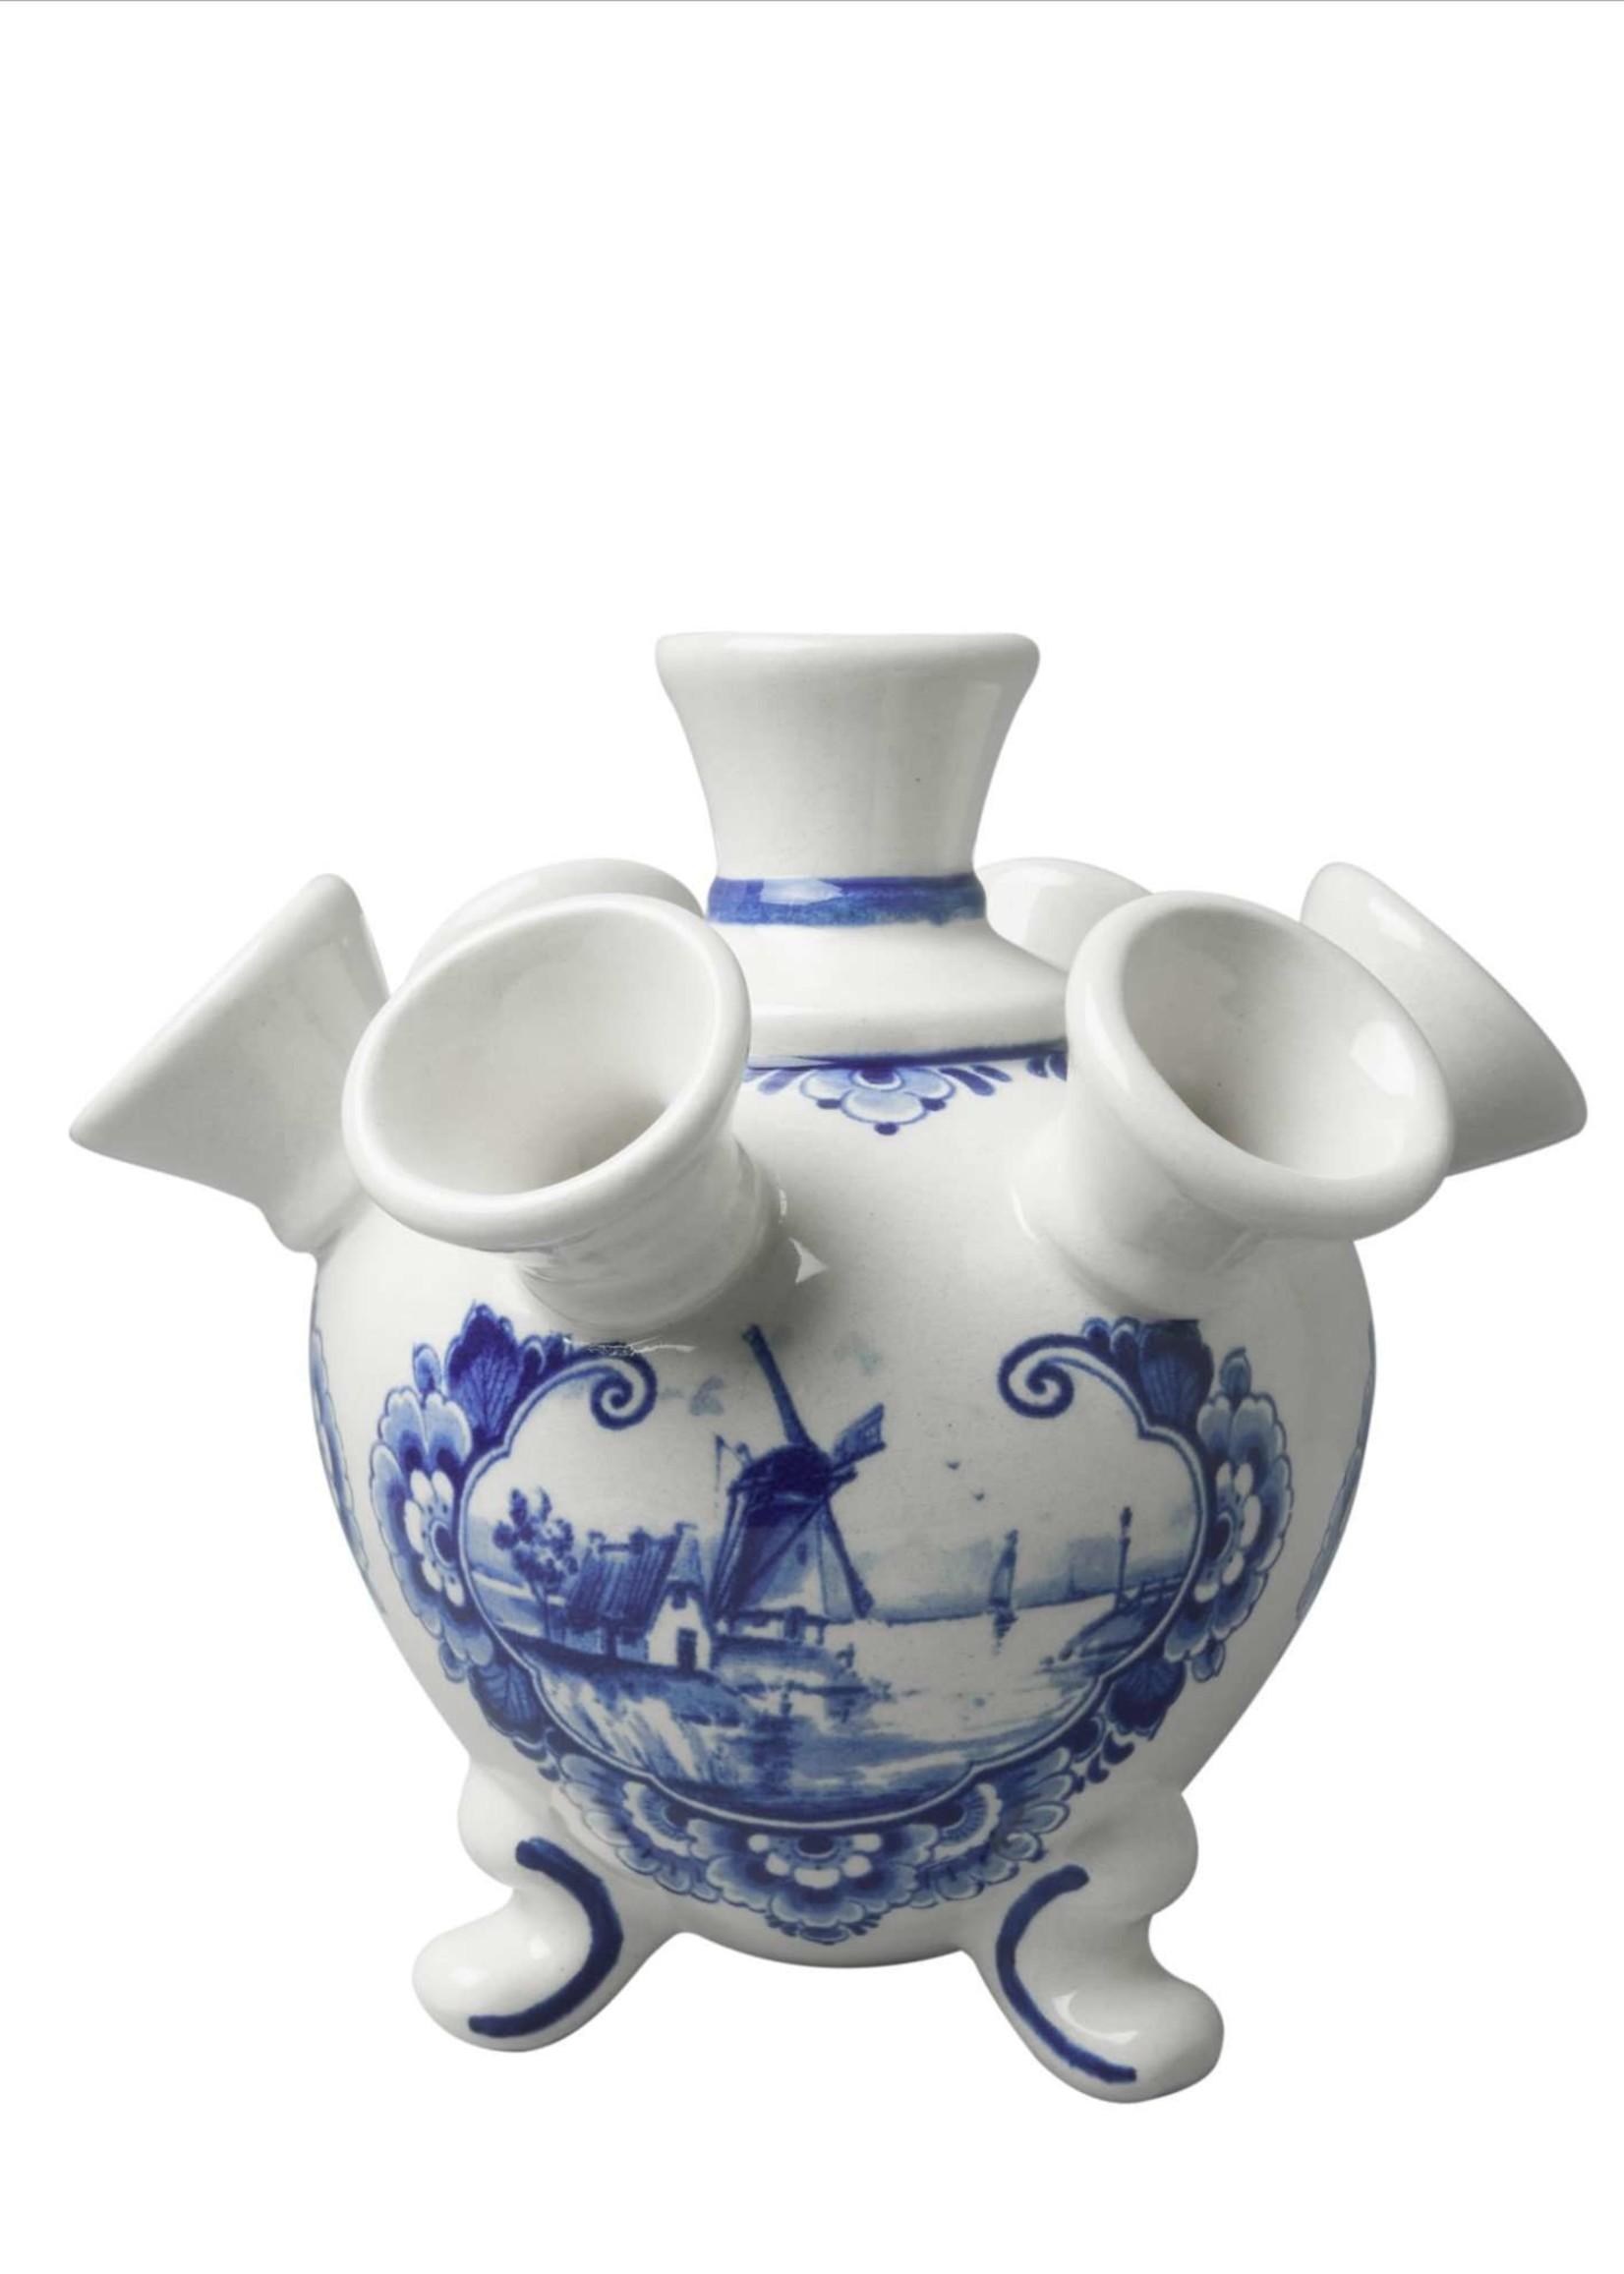 Heinen Delfts Blauw Delfts Blauwe Tulpen Vaas met Pootjes, Landschap met Windmolen, Klein